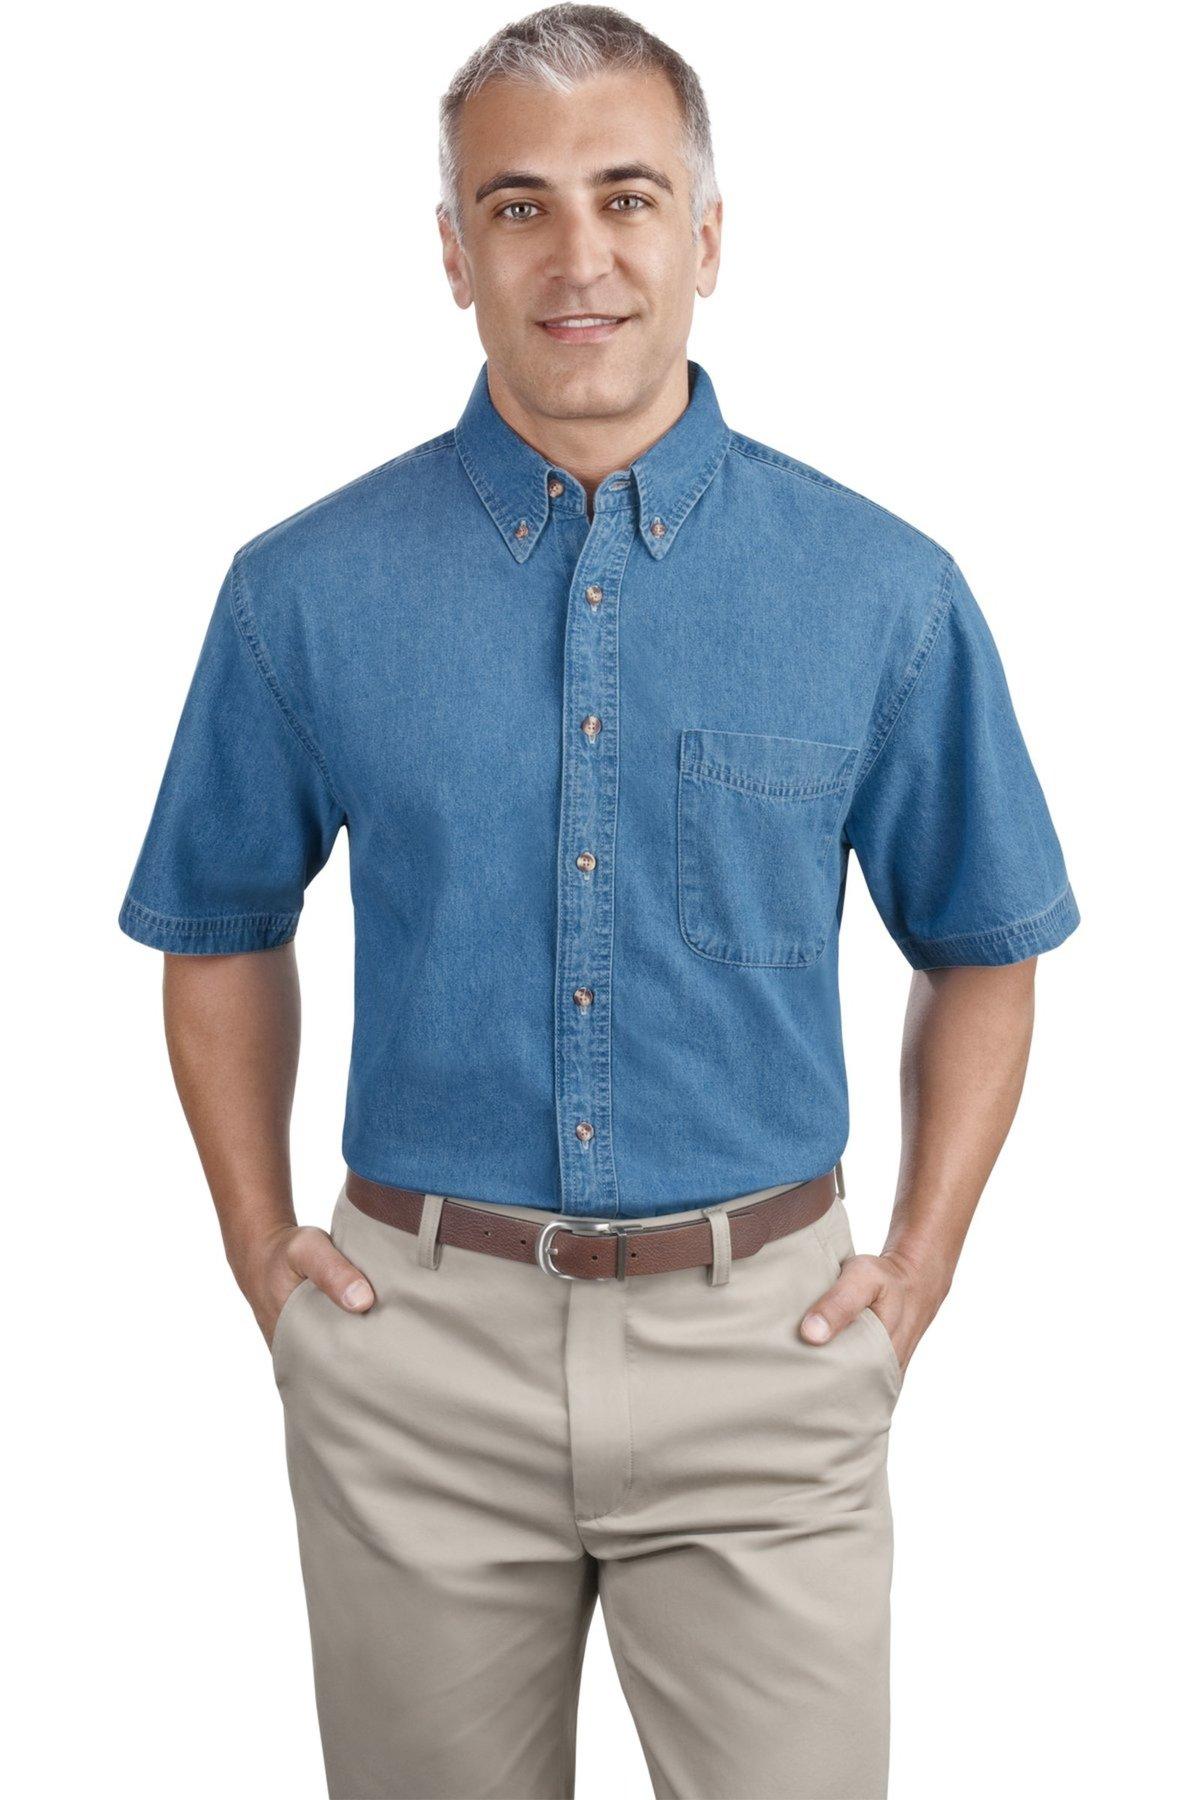 Port Company Short Sleeve Denim Shirt Queensboro